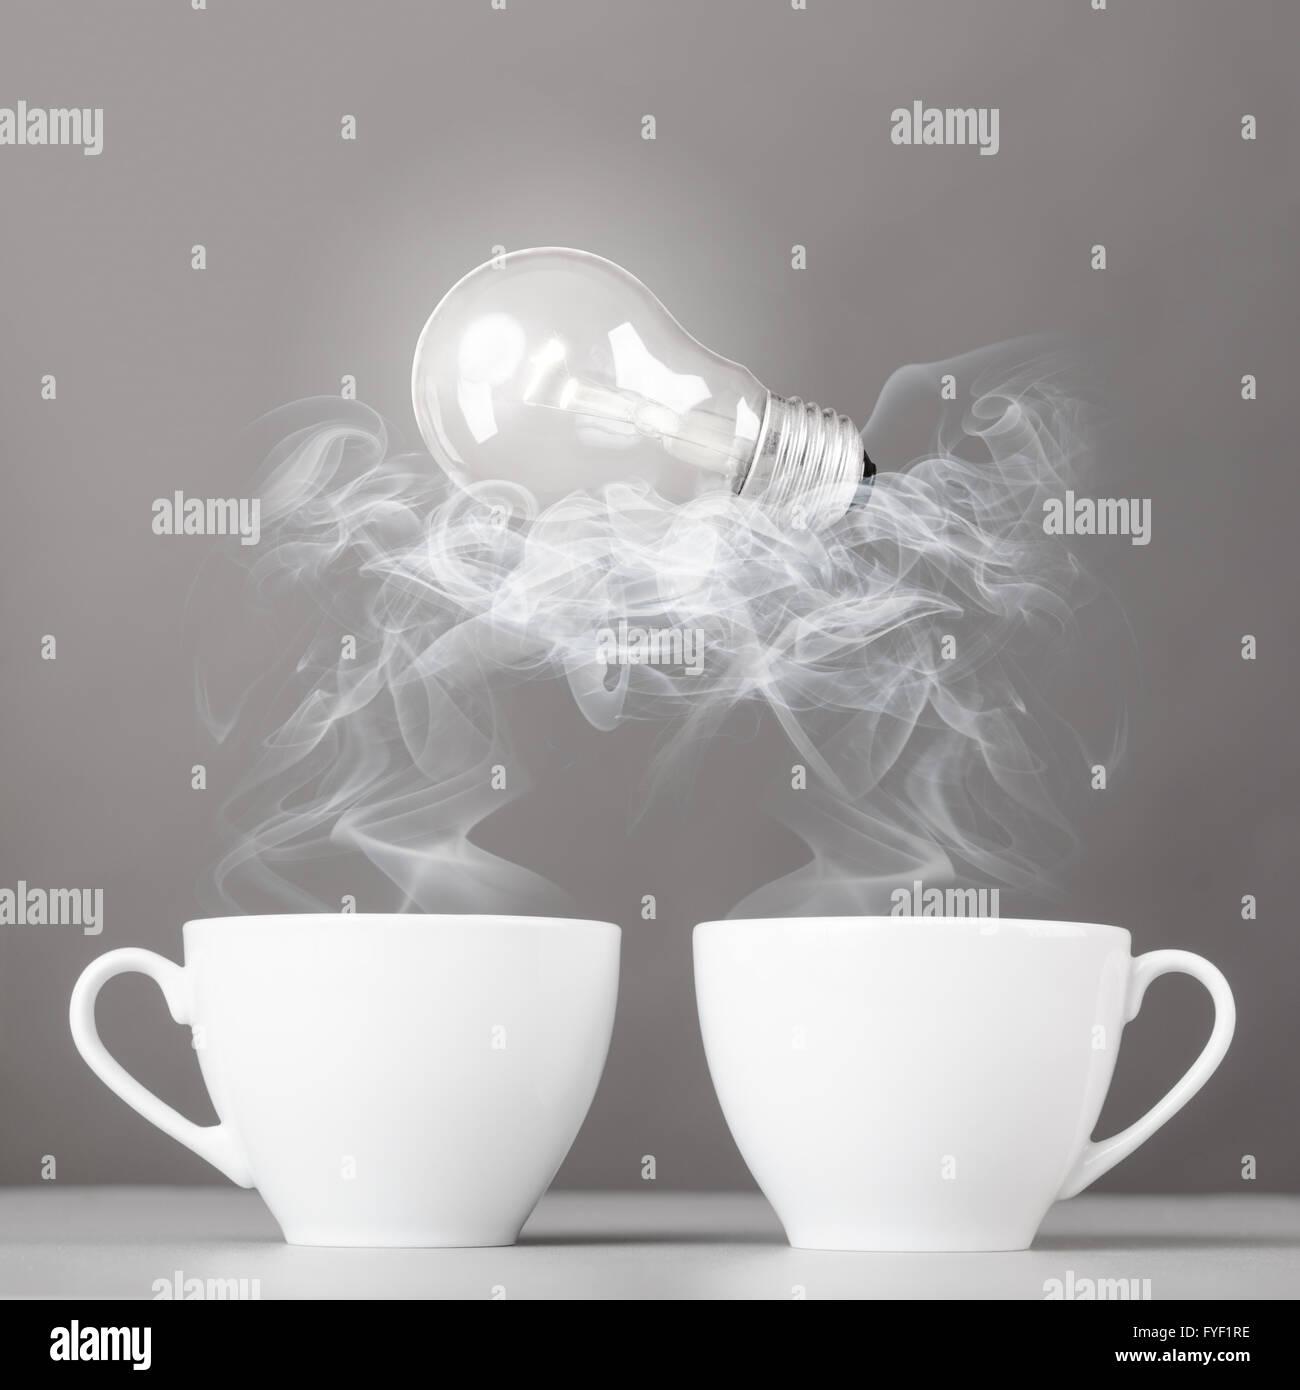 idea birth - Stock Image